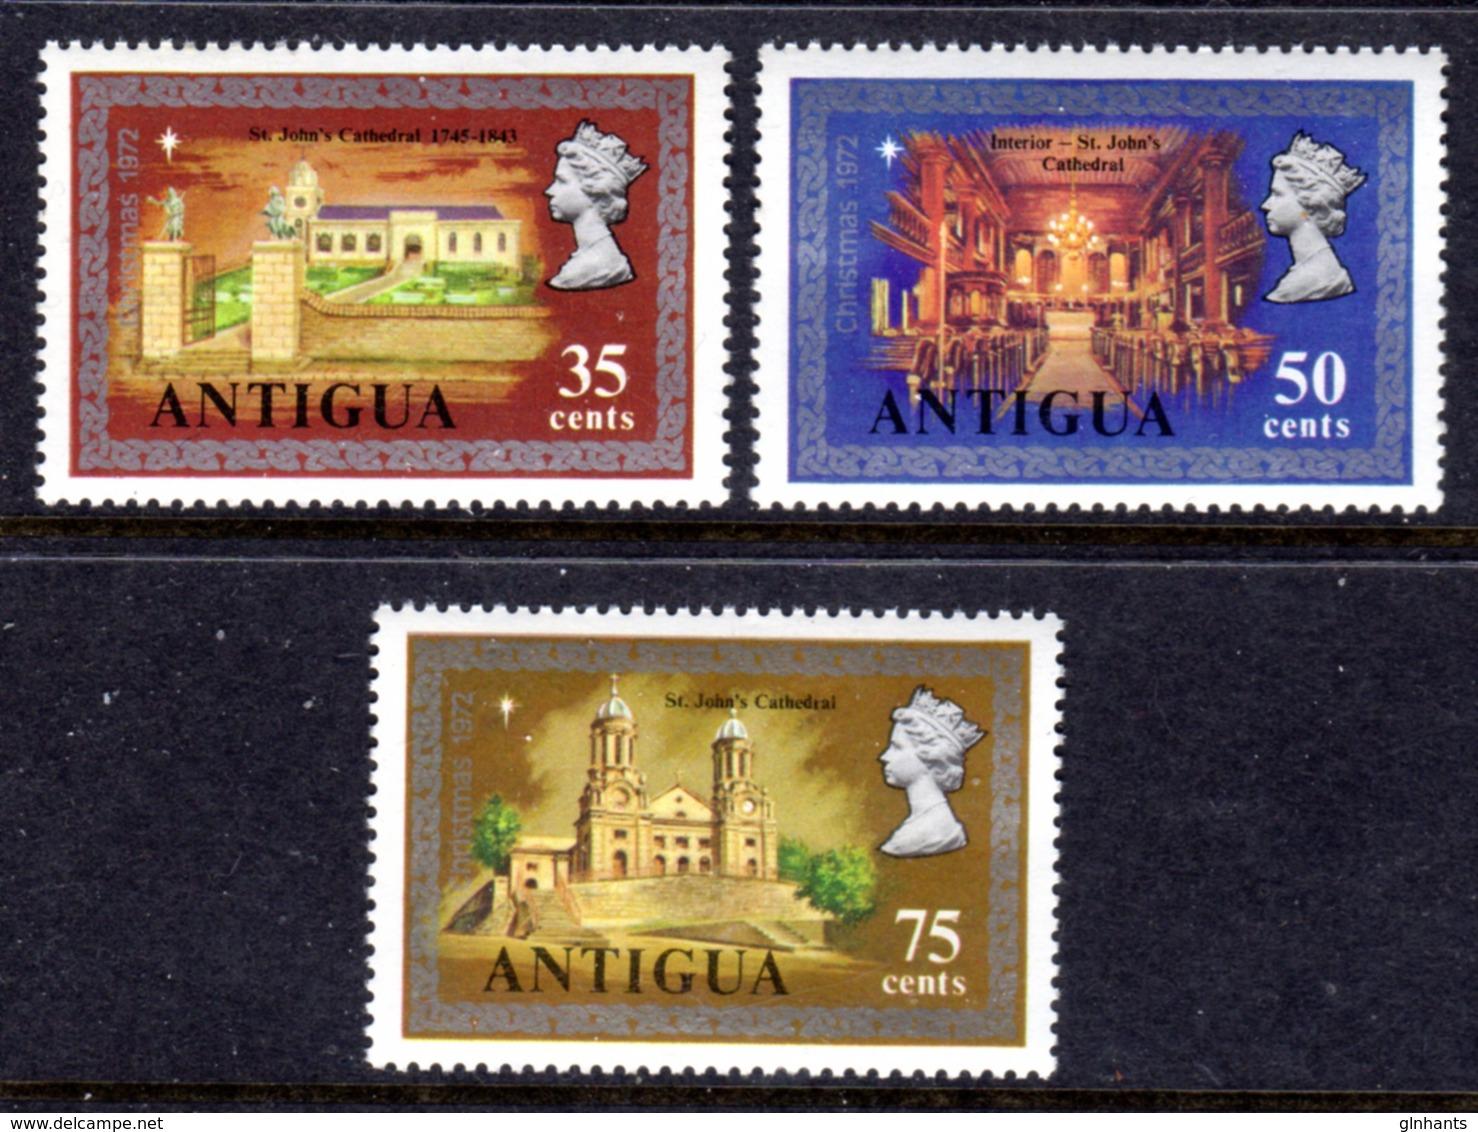 ANTIGUA - 1972 CHRISTMAS SET (3V) FINE MNH ** SG 335-337 - 1960-1981 Ministerial Government